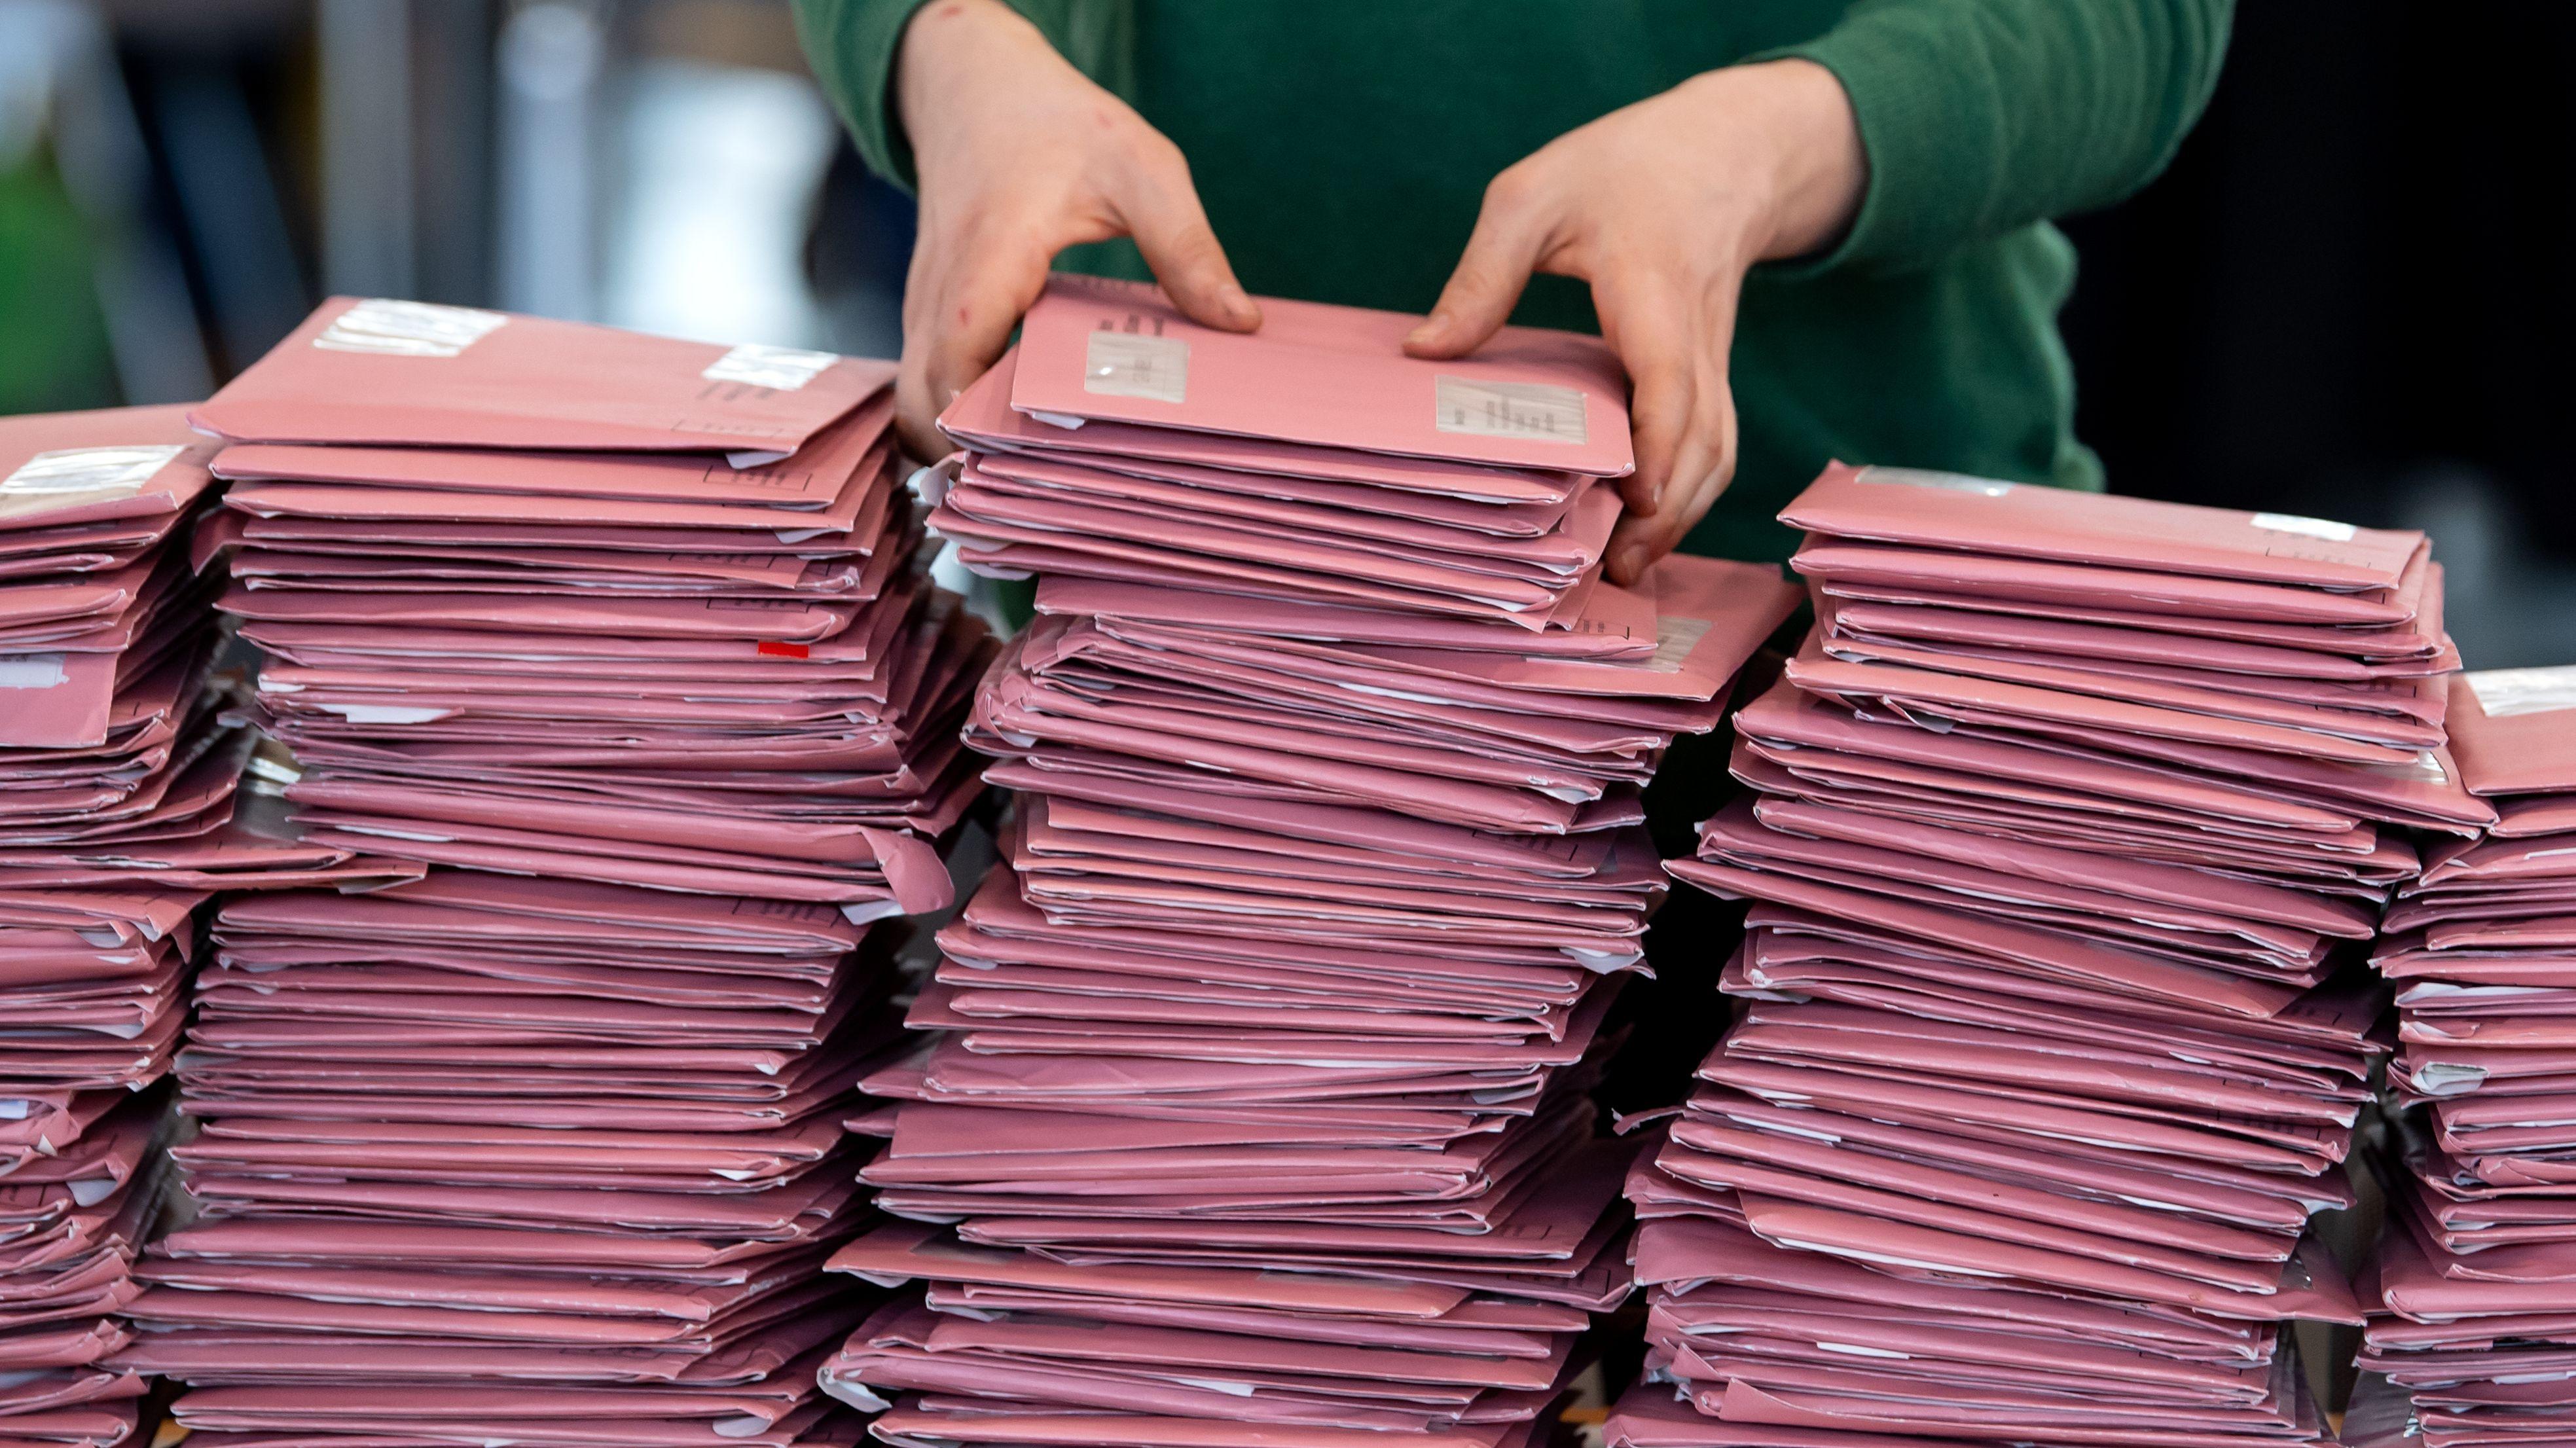 Wahlhelfer bei der Auszählung einer Briefwahl